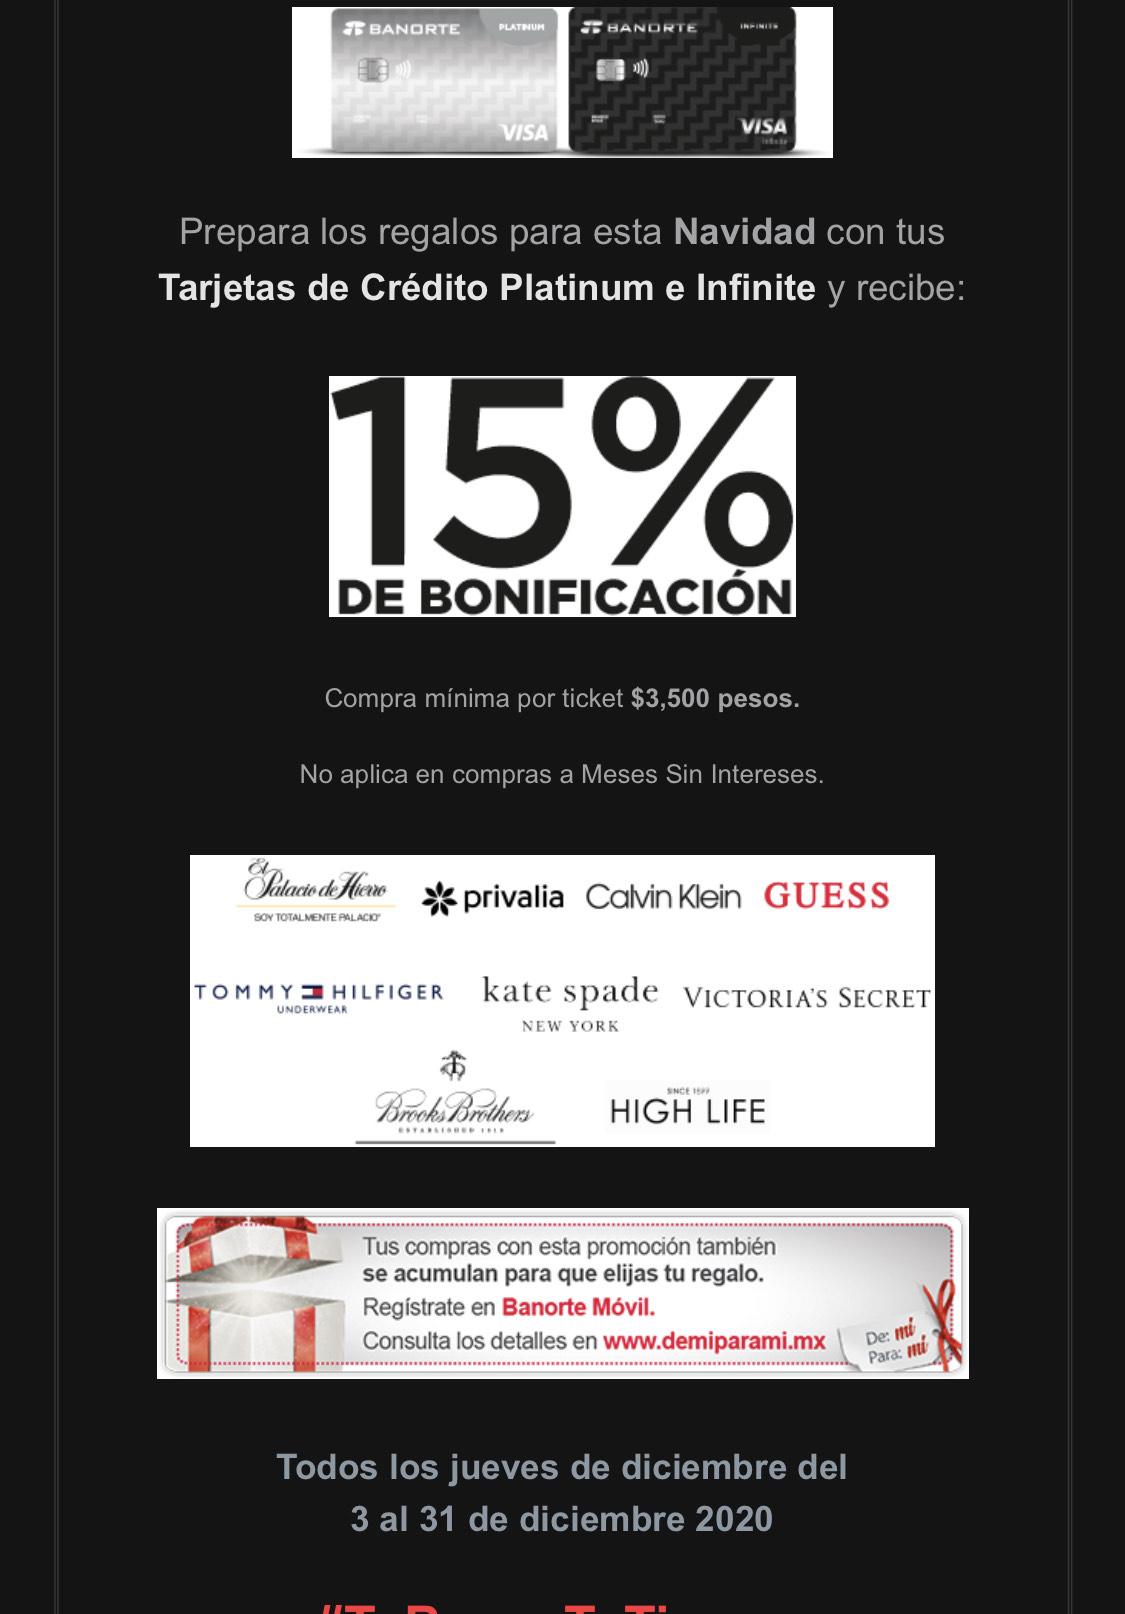 Banorte: 15% de bonificación en compras mínimas de $3,500 pagando con tdc platinum e infinite